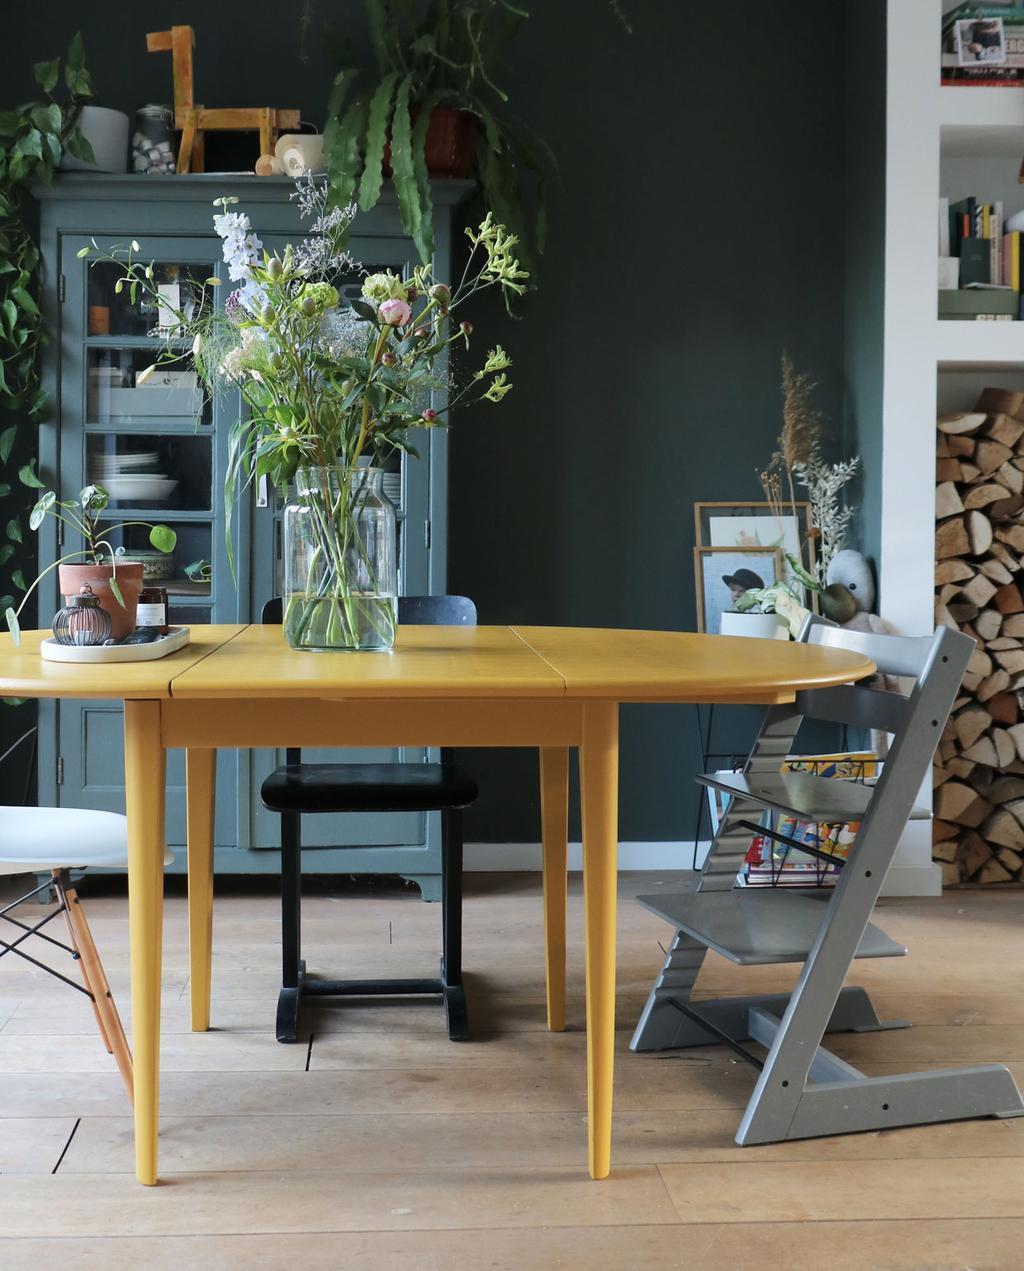 vtwonen en marktplaats   de interieurvondst van rolien: ronde uitschuifbare tafel   okergele ronde eettafel voor groene muur